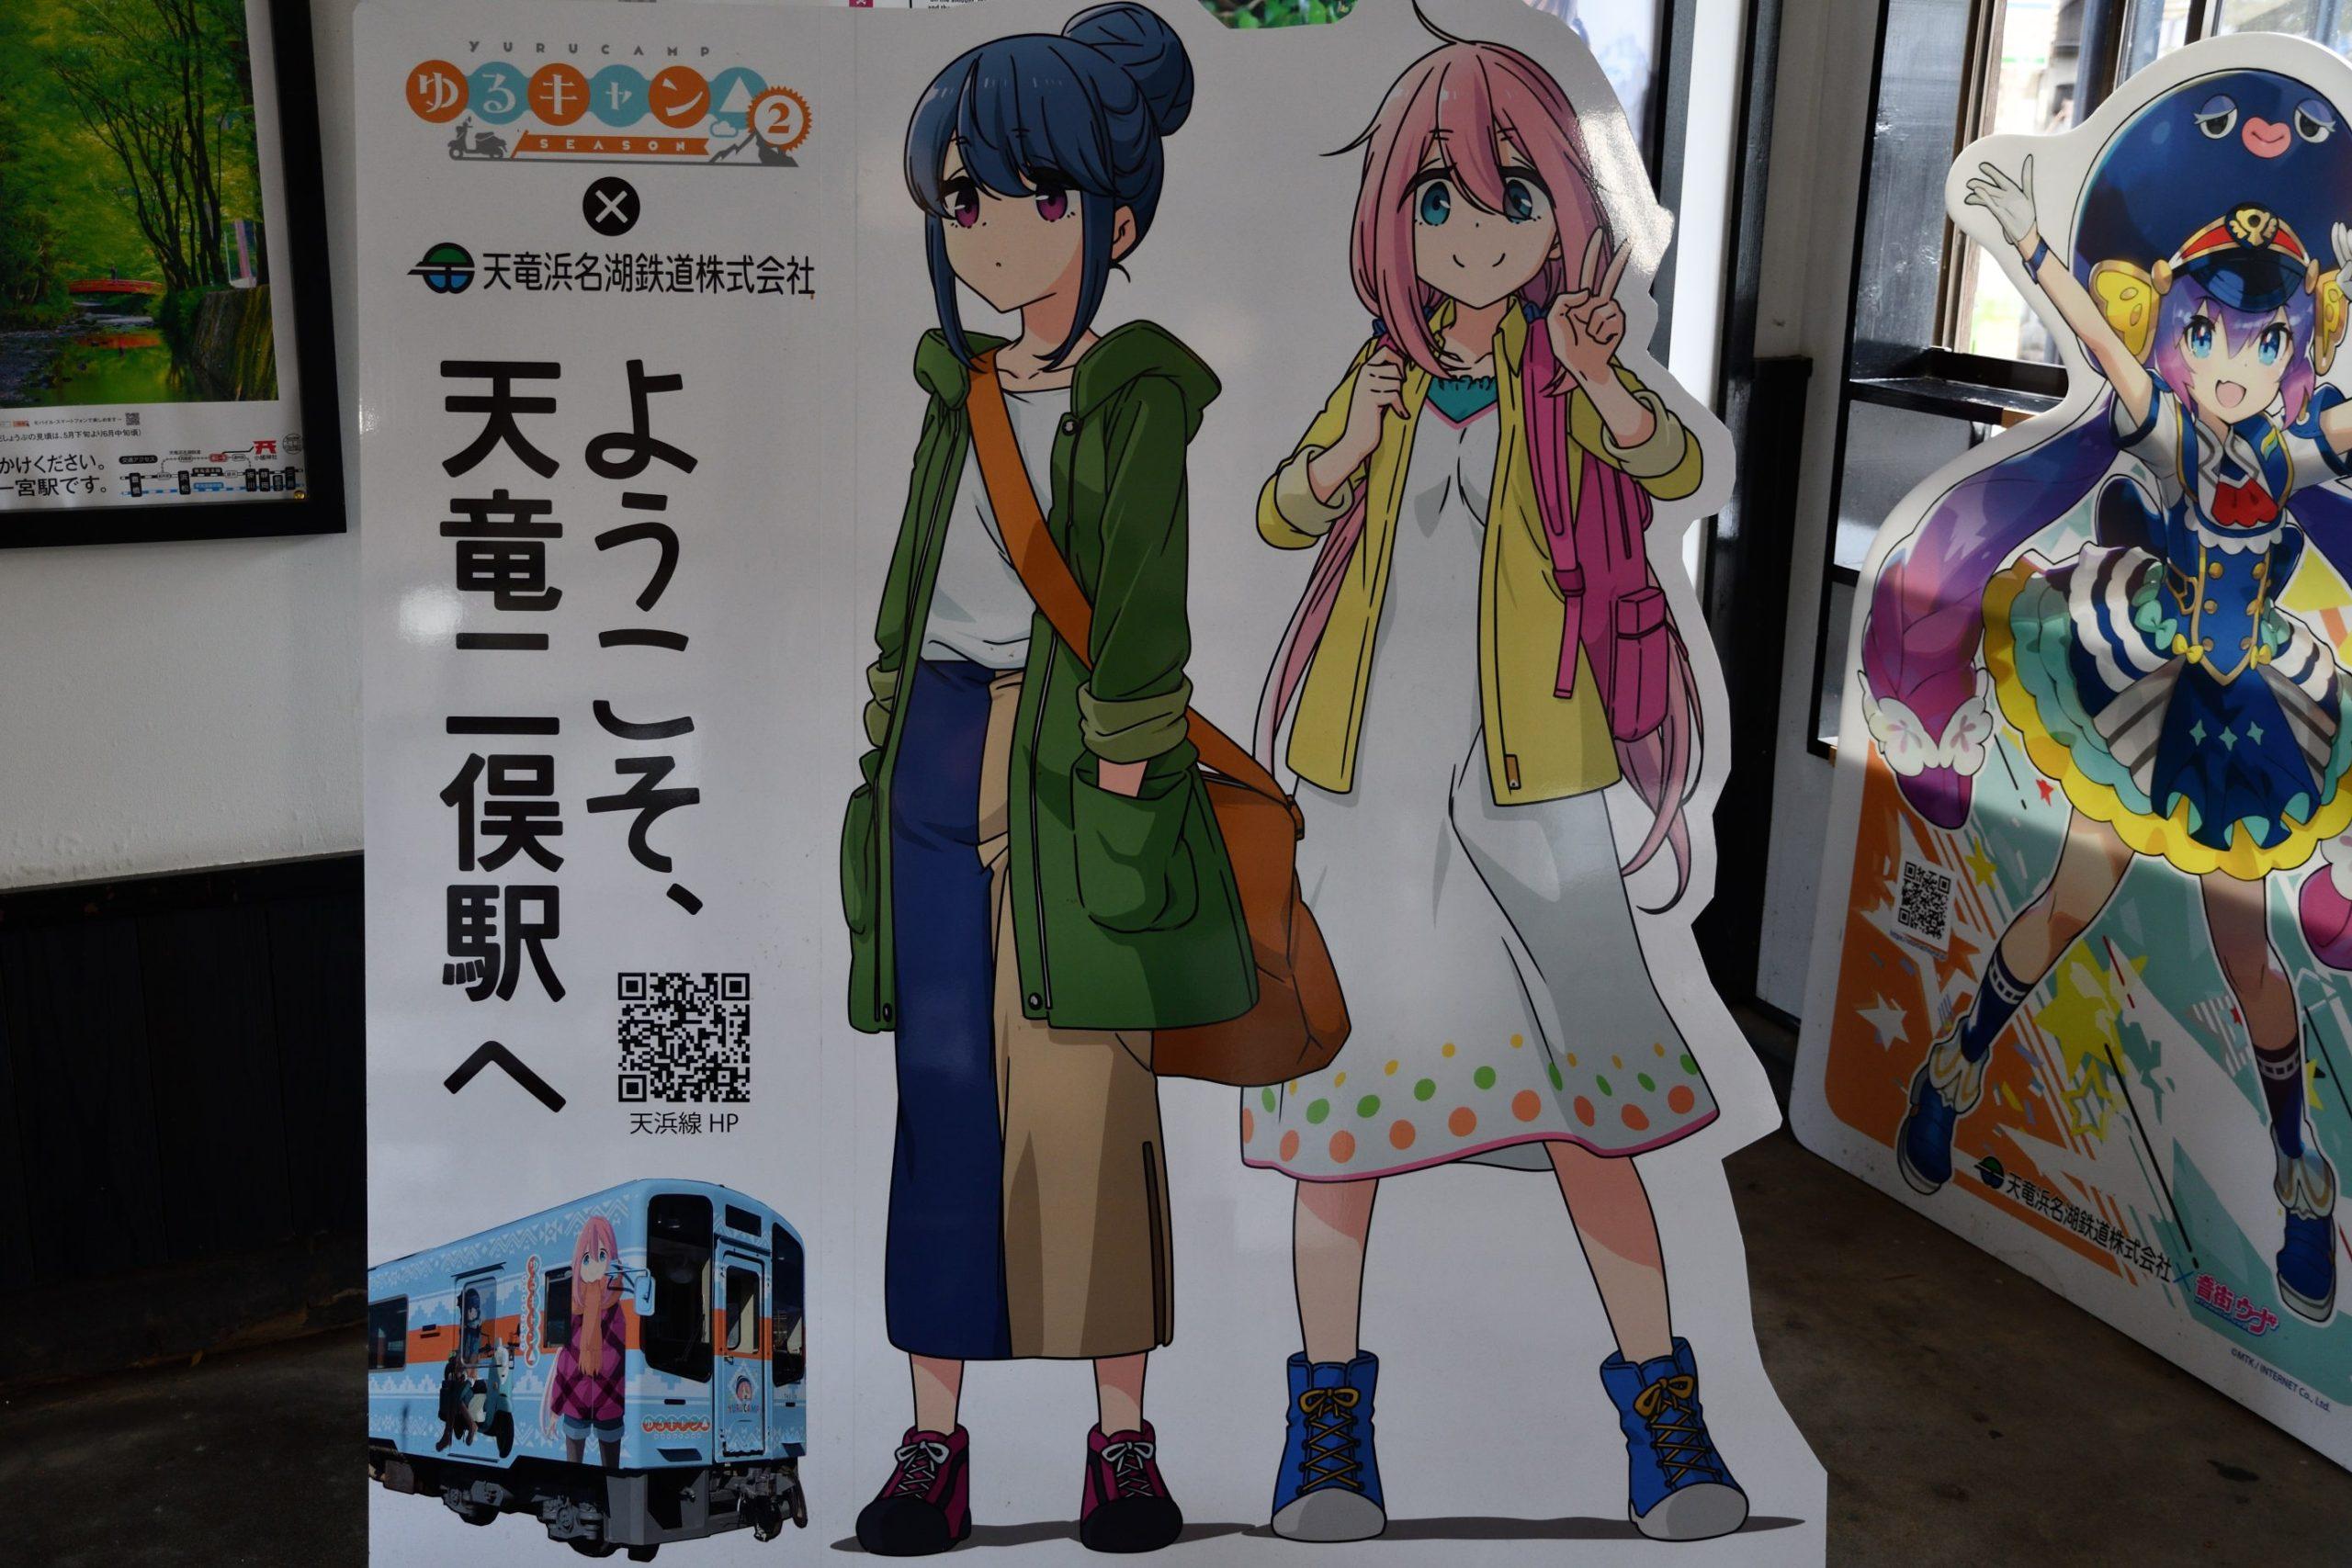 ゆるキャンラッピング電車に乗るため、天竜浜名湖鉄道に行ってきた